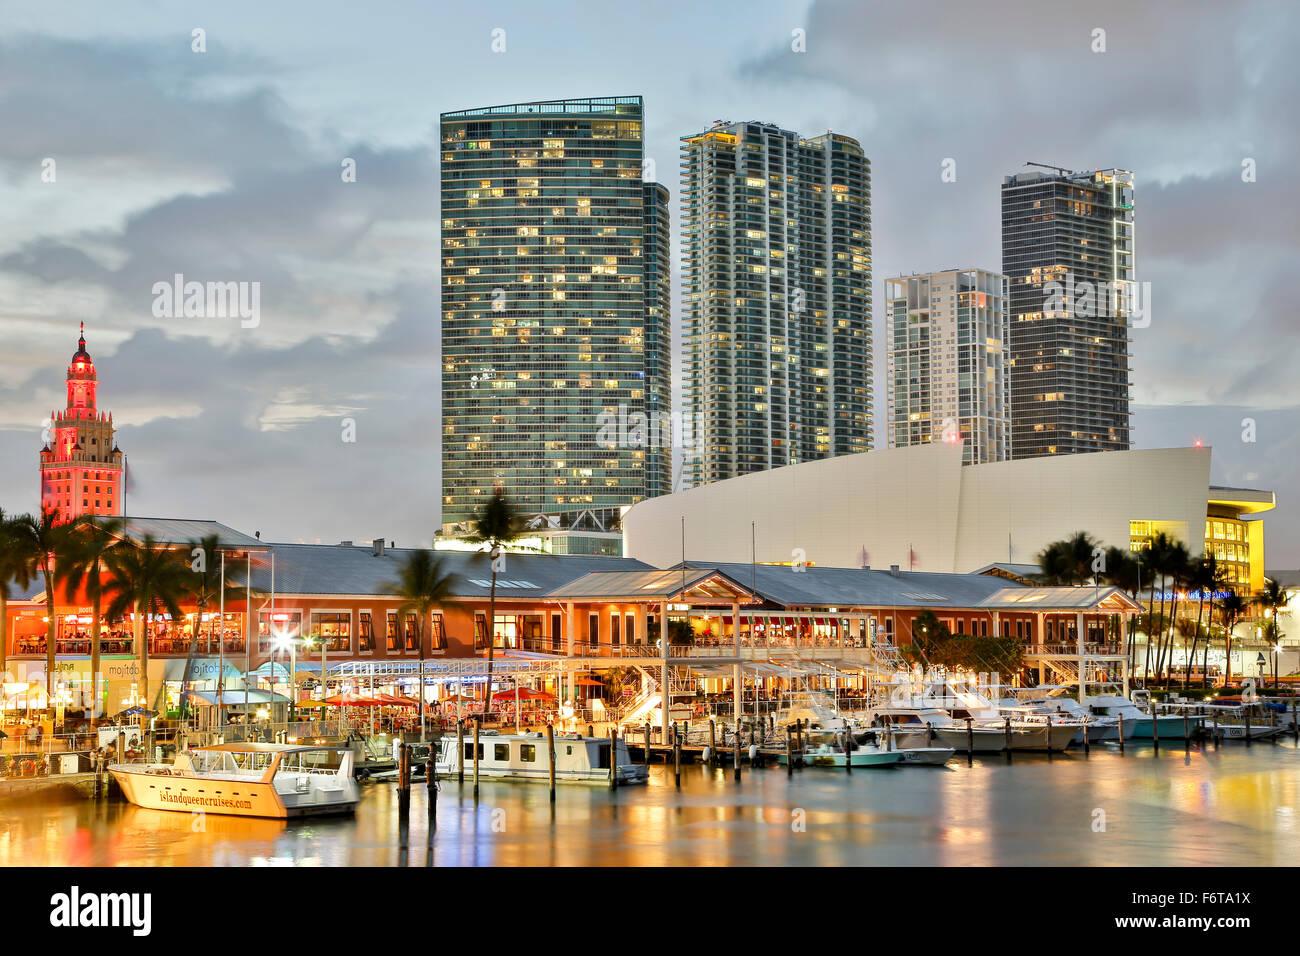 Marina au marché Bayfront et gratte-ciel, Miami, Floride, USA Photo Stock